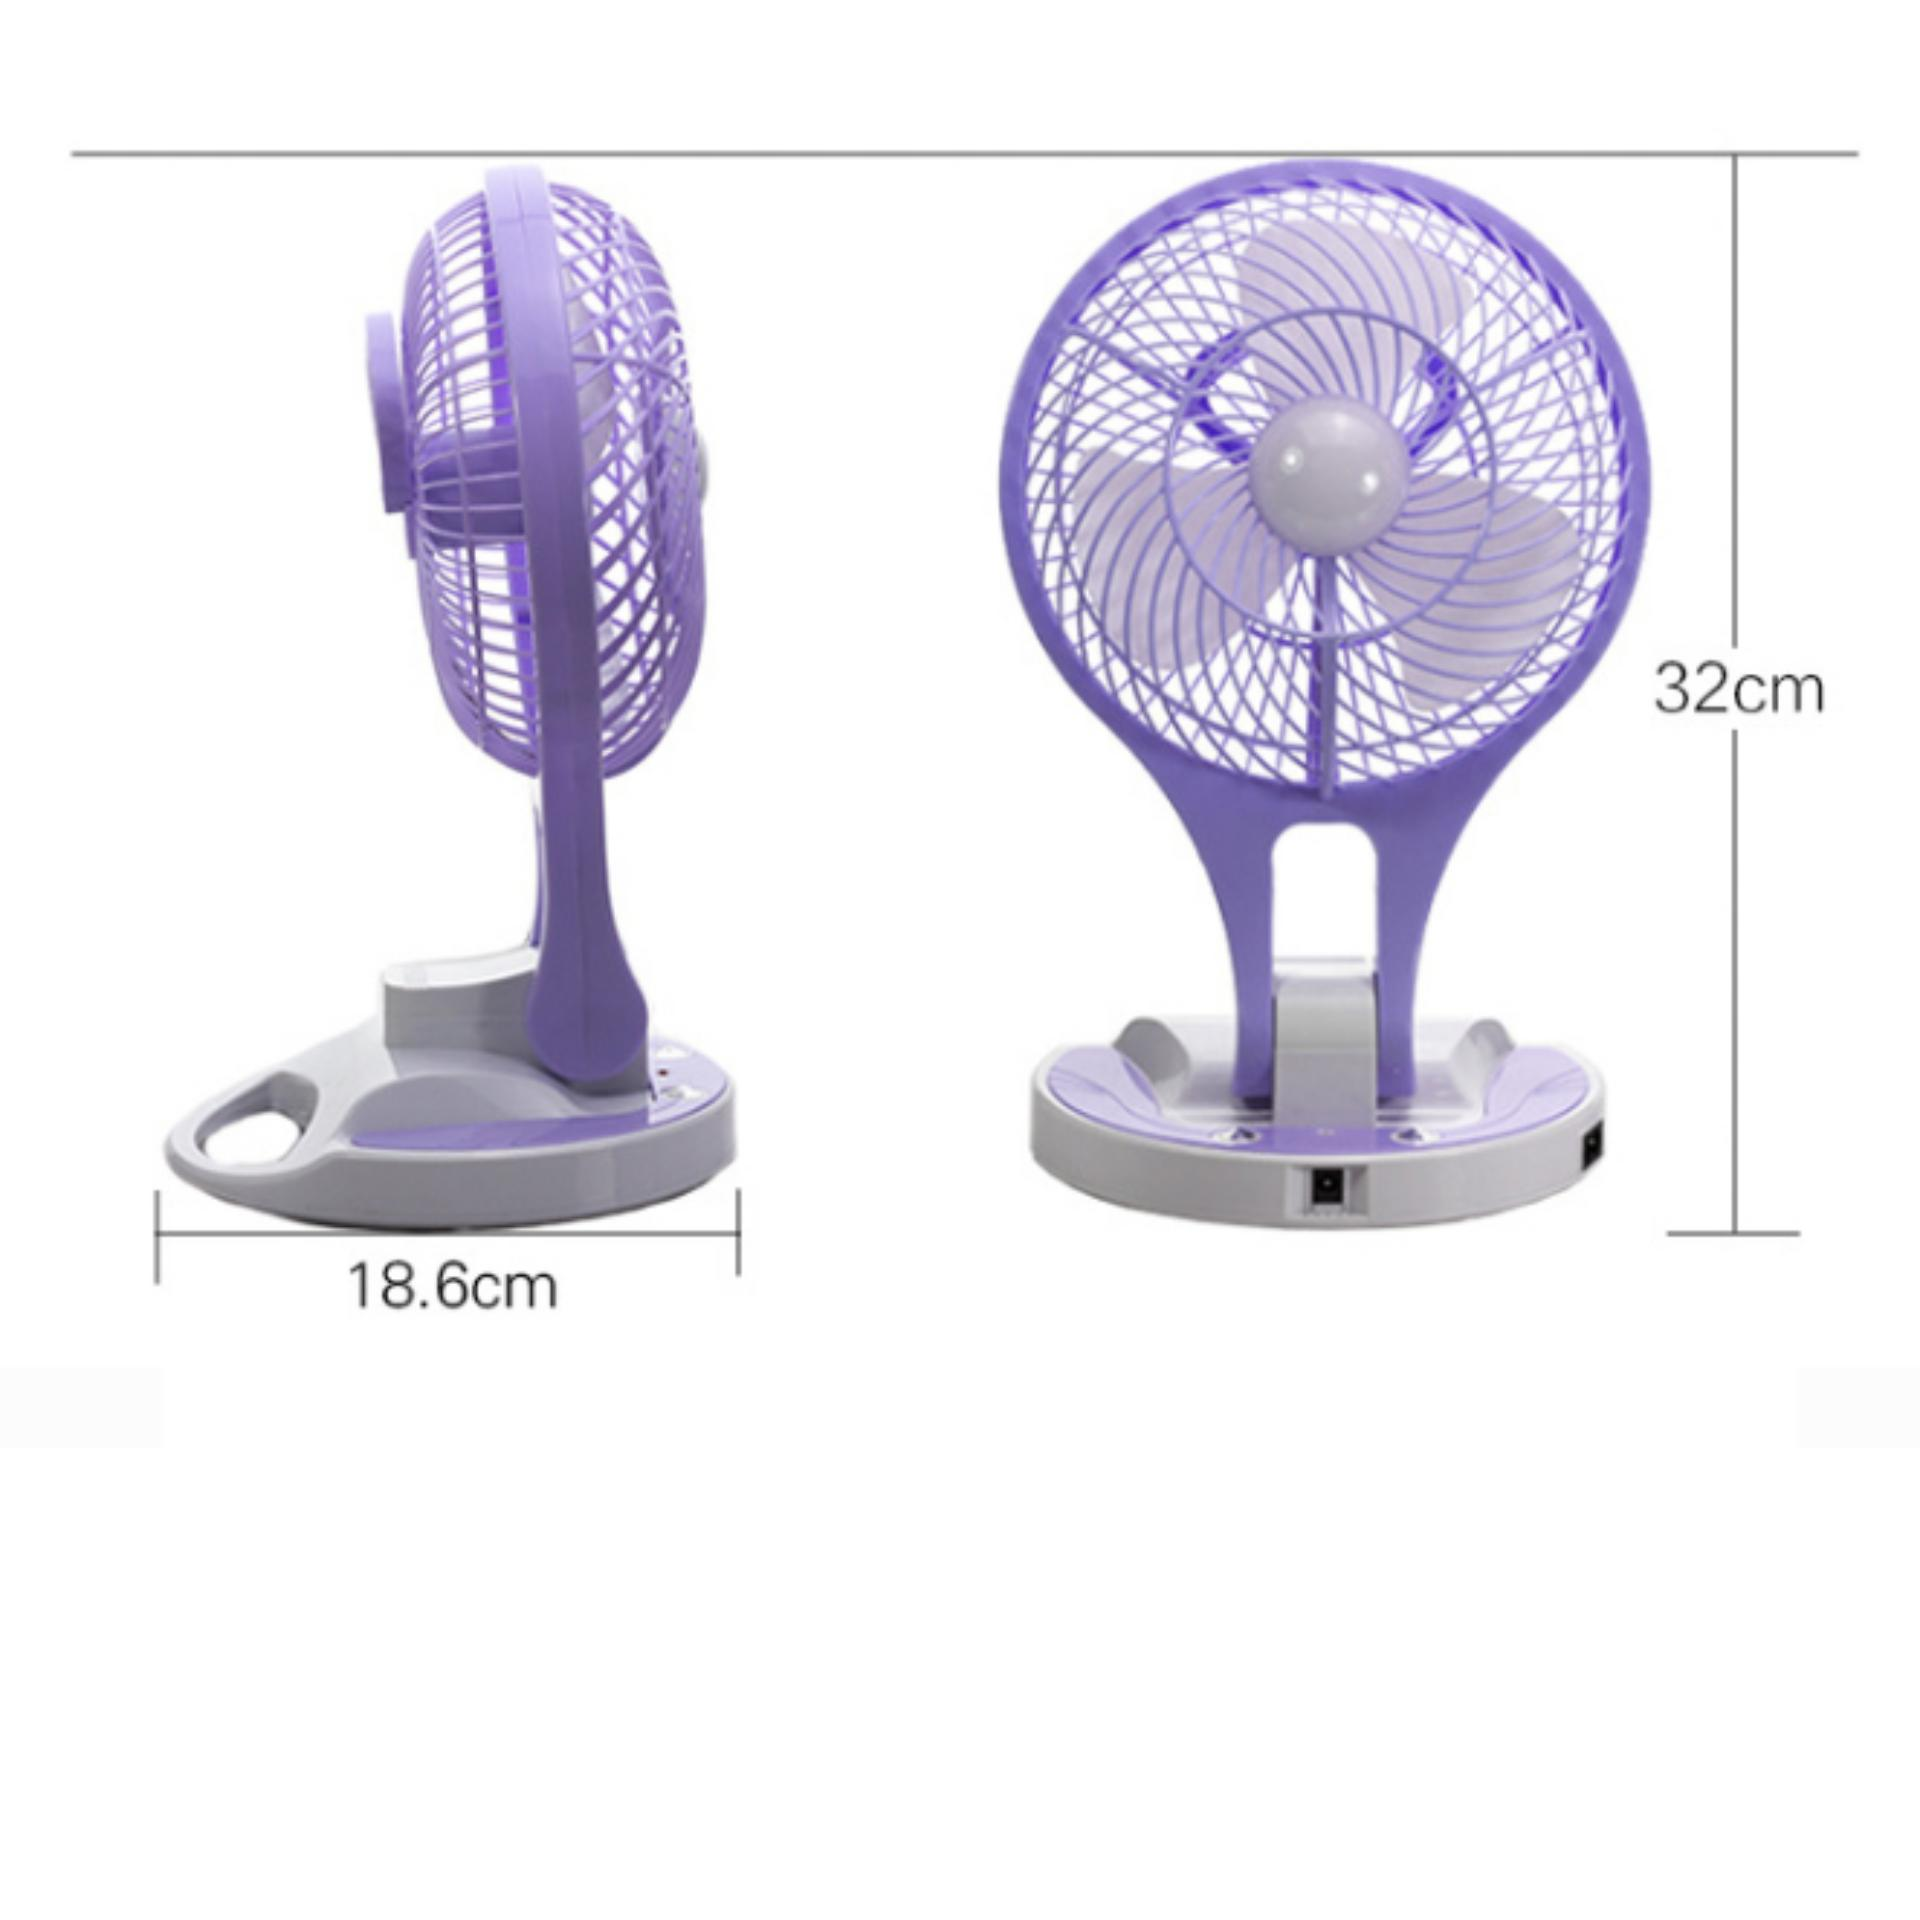 Quạt sạc tích điện mini/quạt sạc tích điện có đèn cỡ đại (Trắng phối tím)